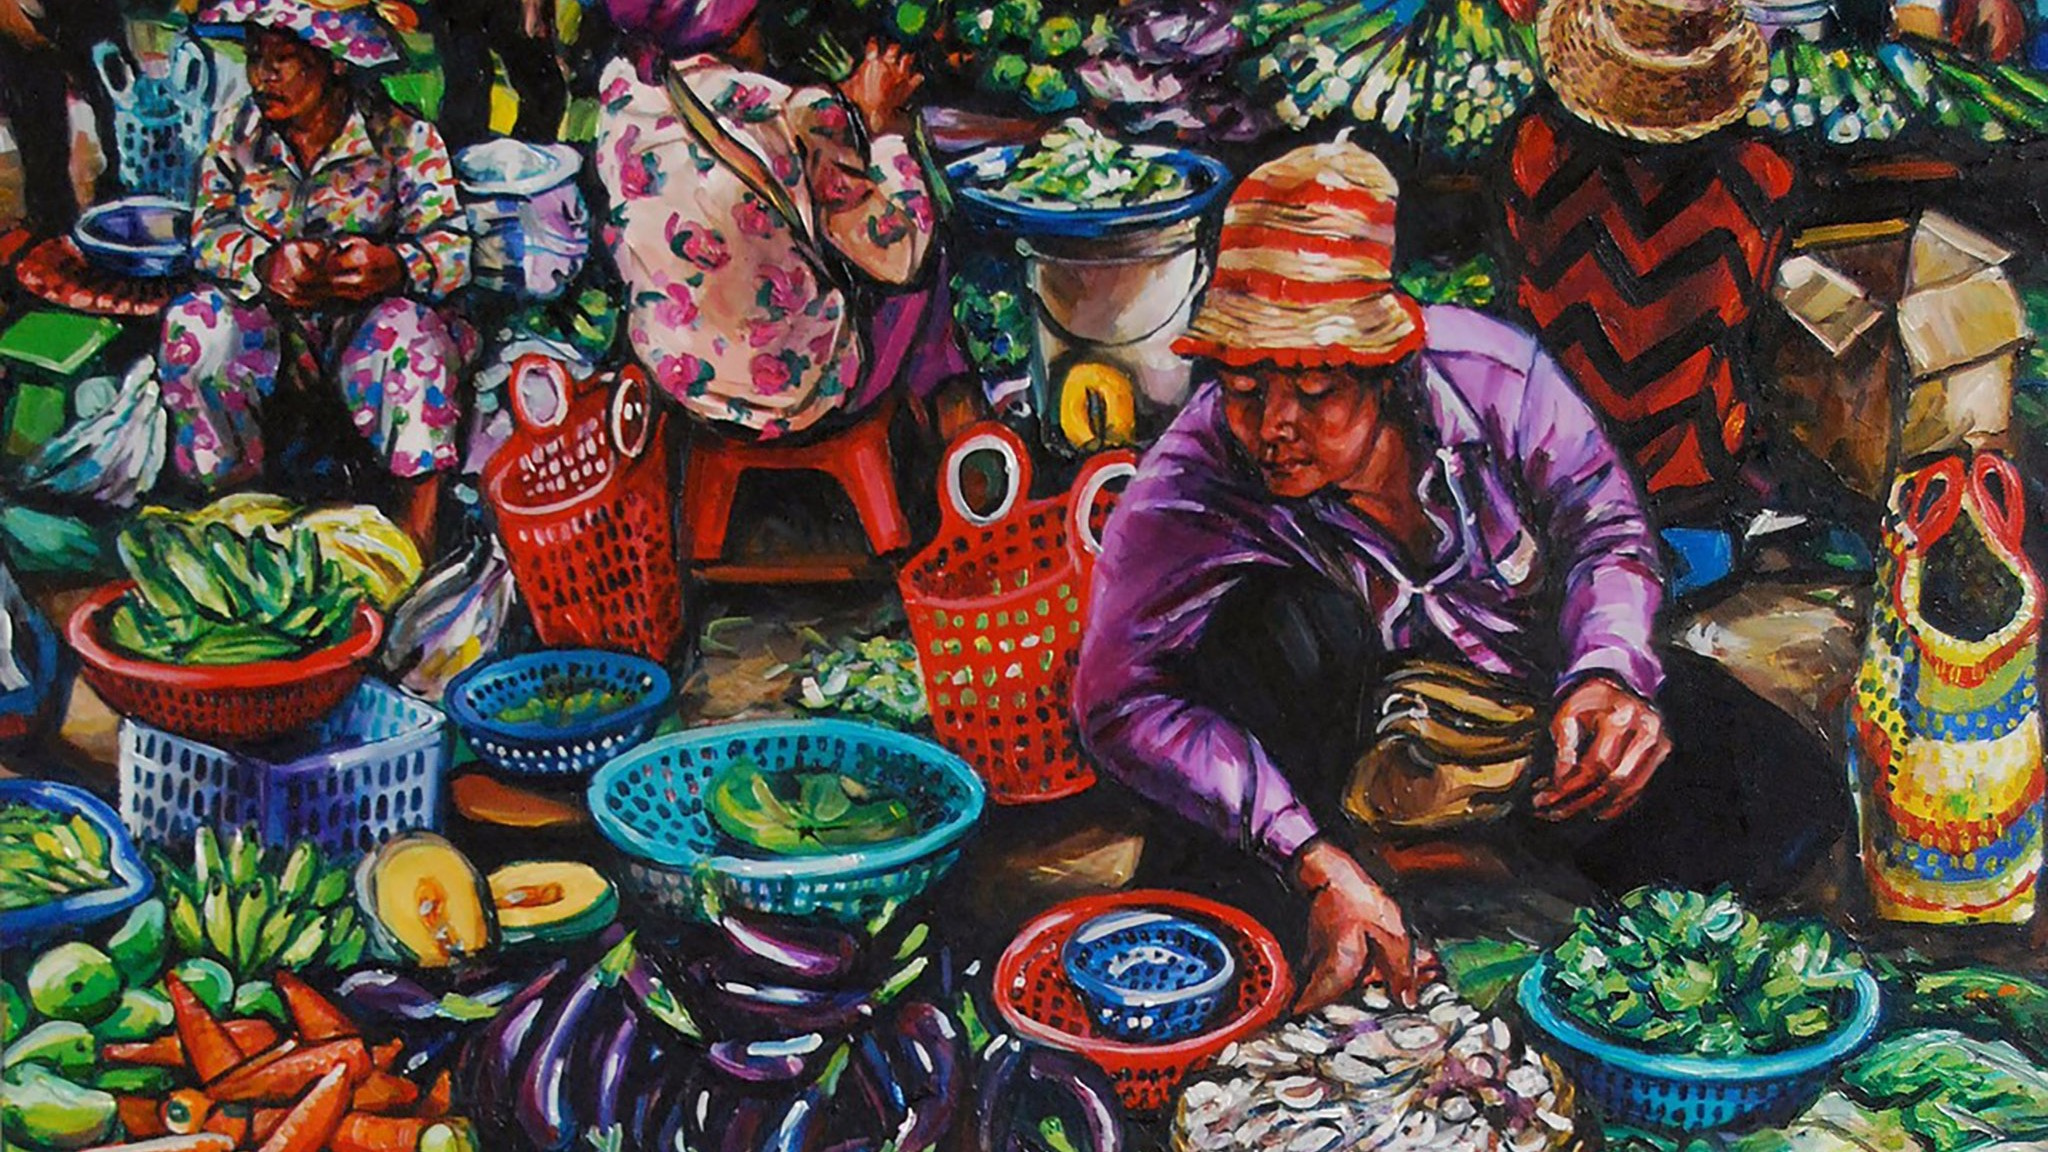 Market Market by Gavin Brown